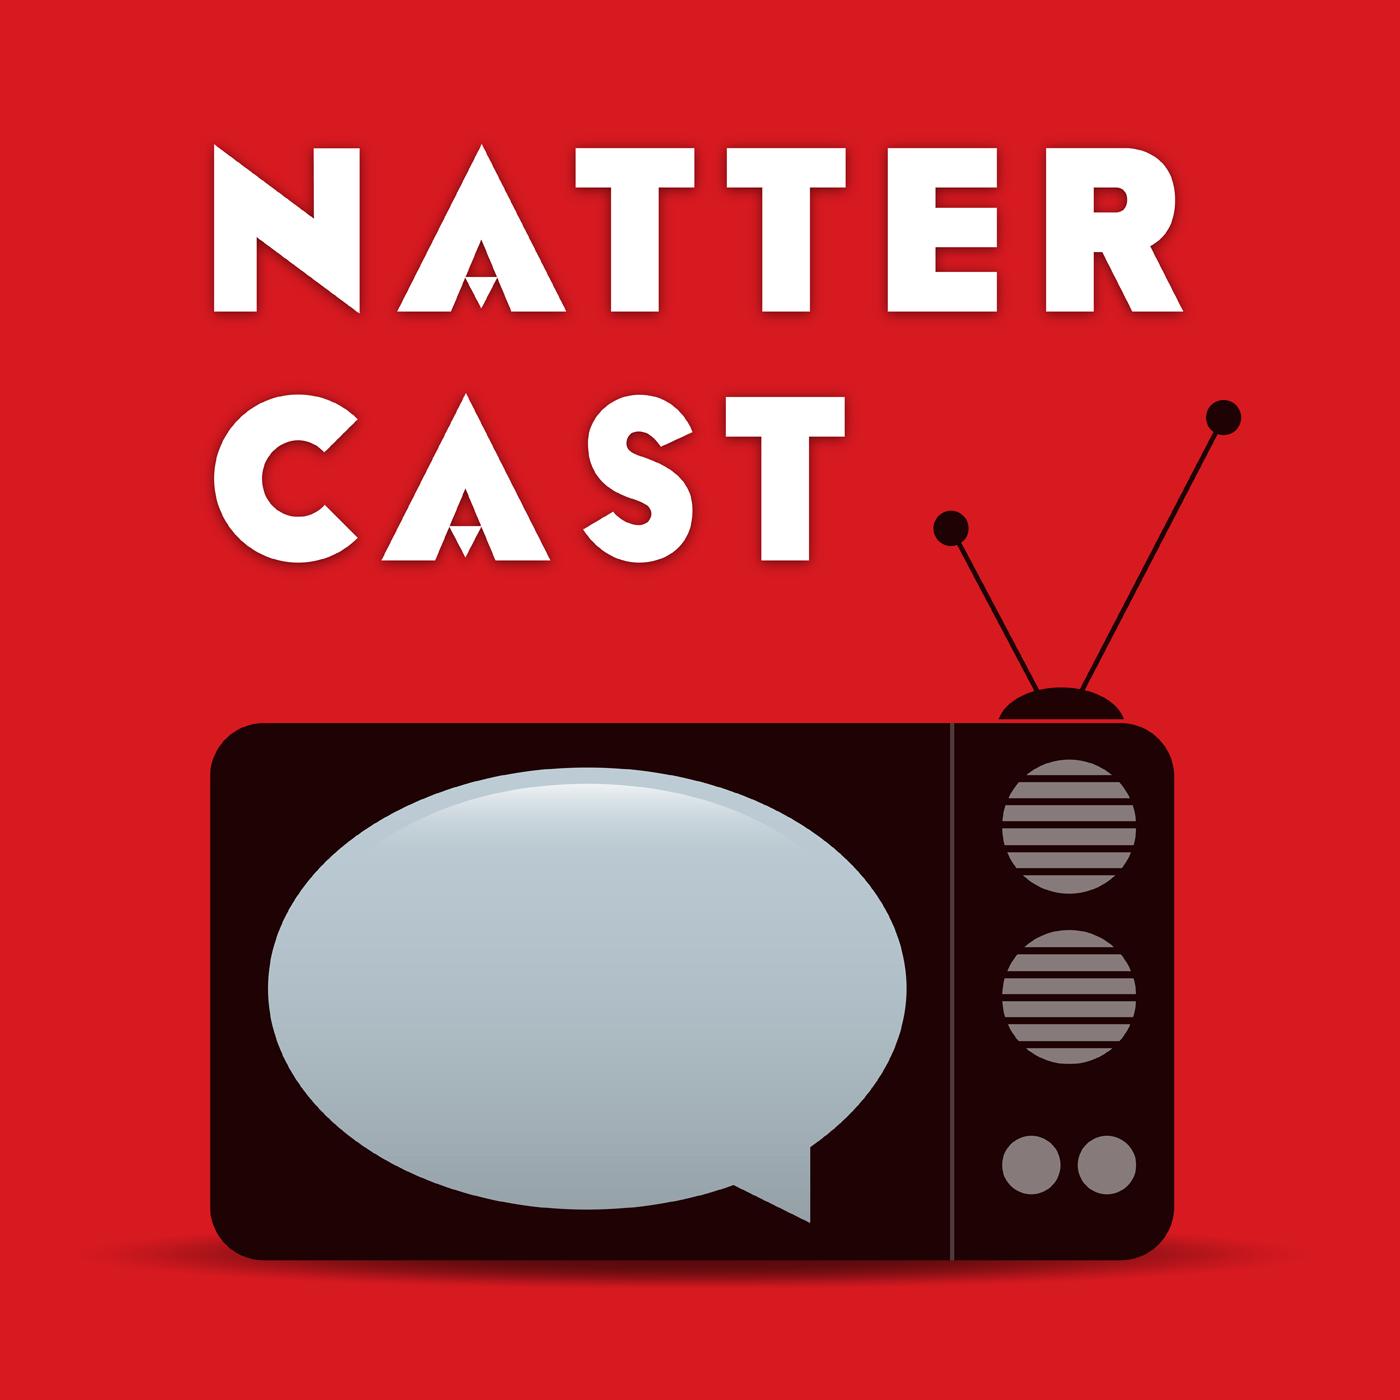 Natter Cast show art